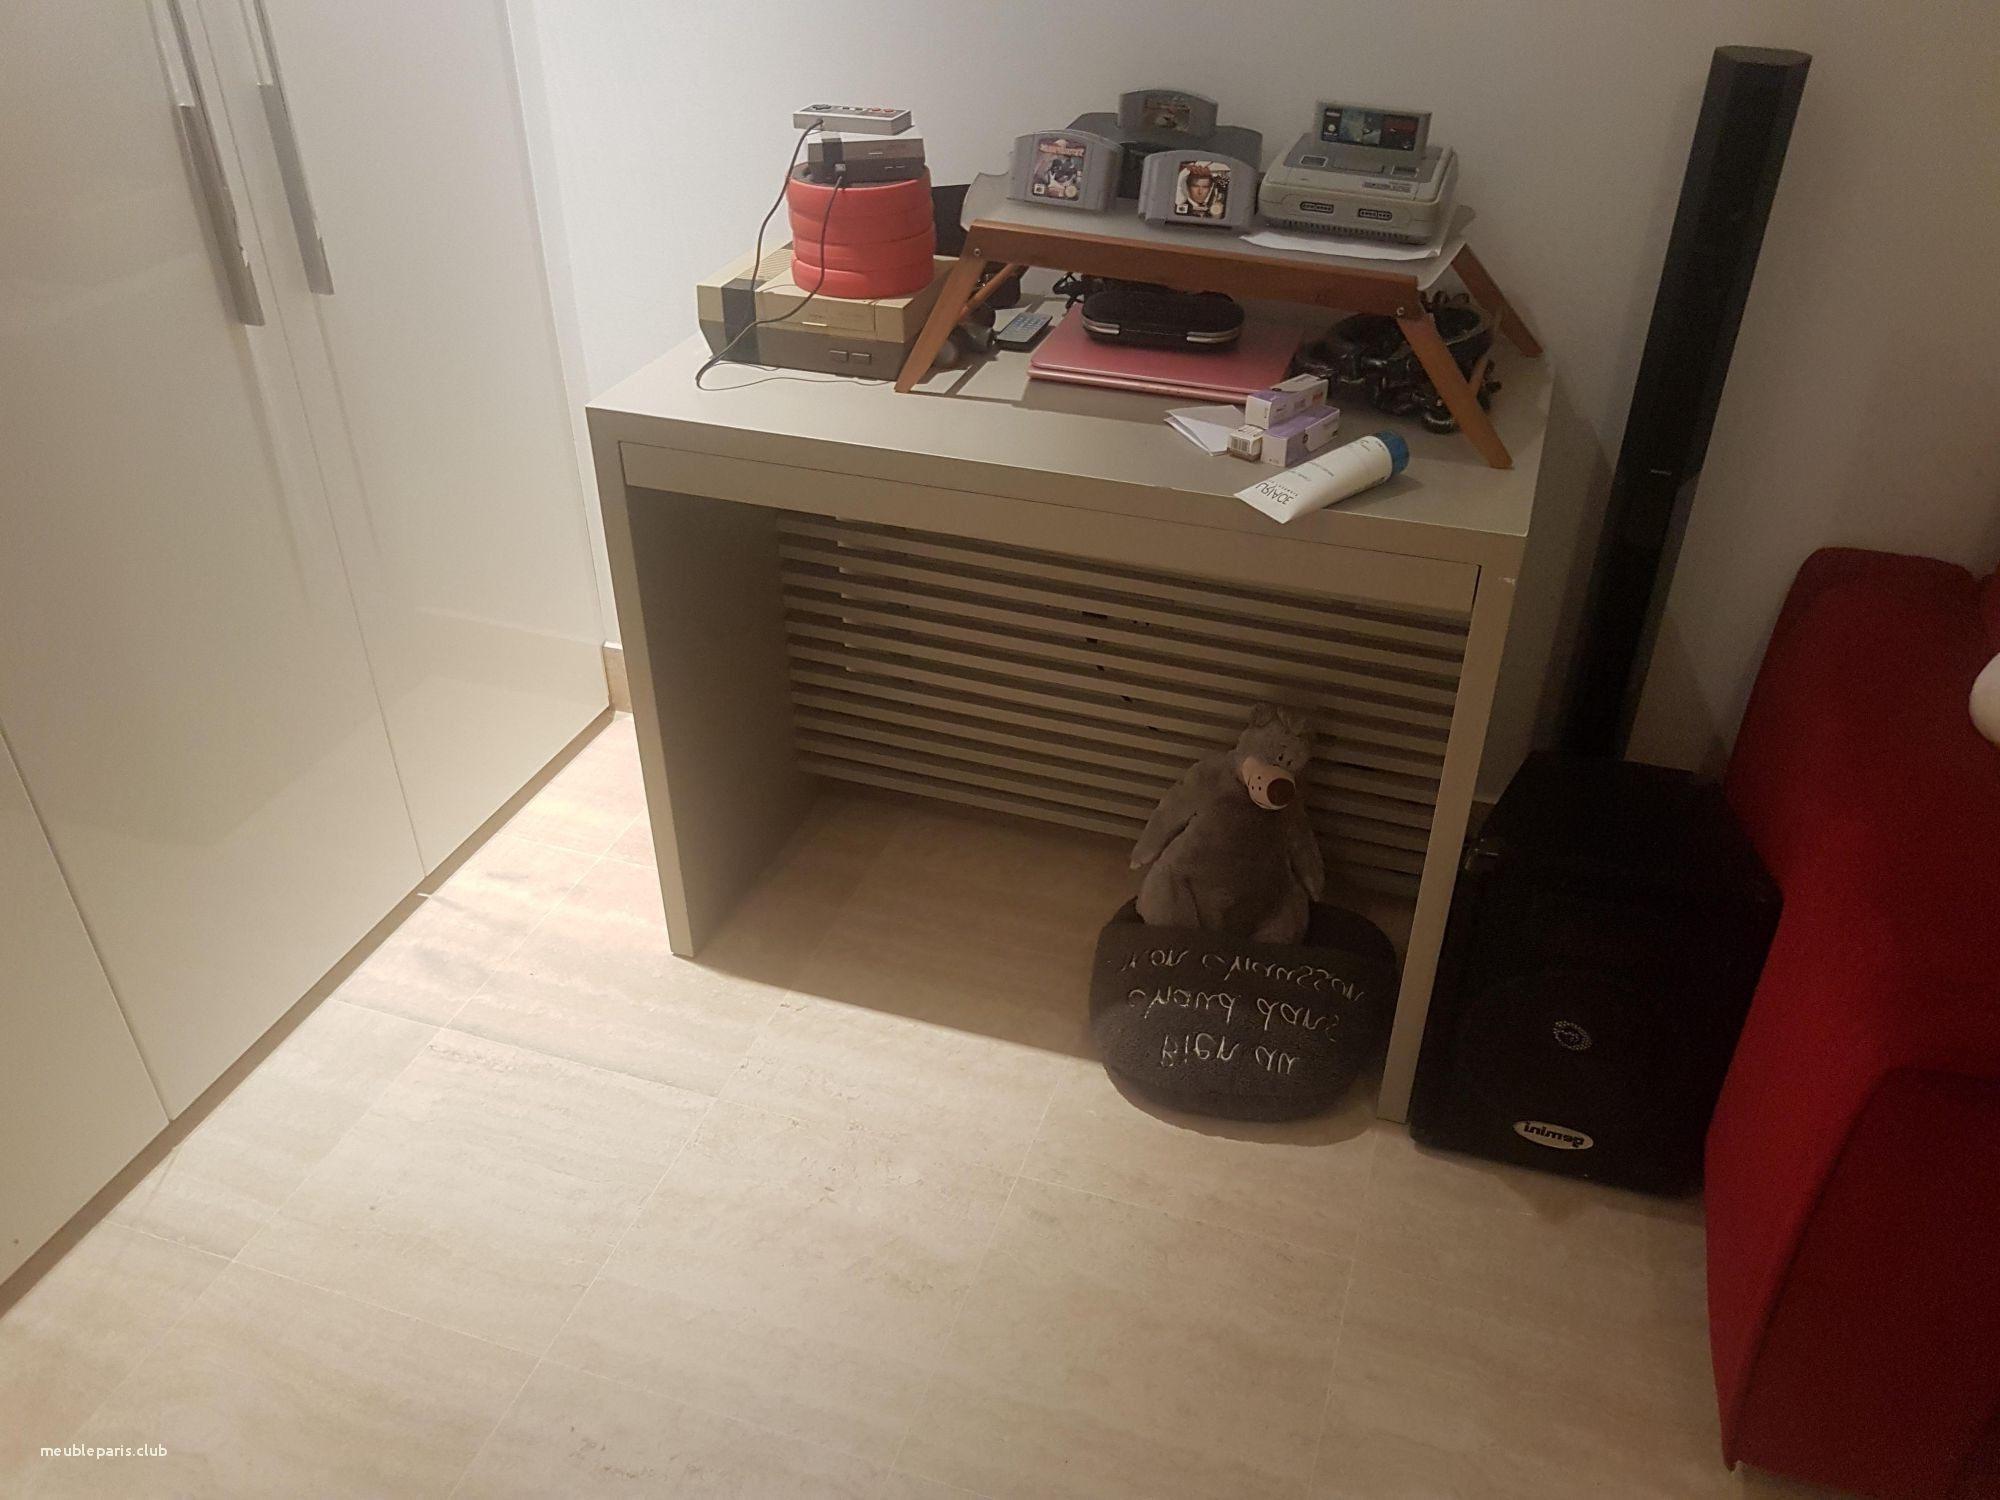 Lit Mezzanine Avec Bureau Intégré Le Luxe Armoire Bureau Intégré Unique Evier Cuisine Mitigeur Ikea Avec H C3